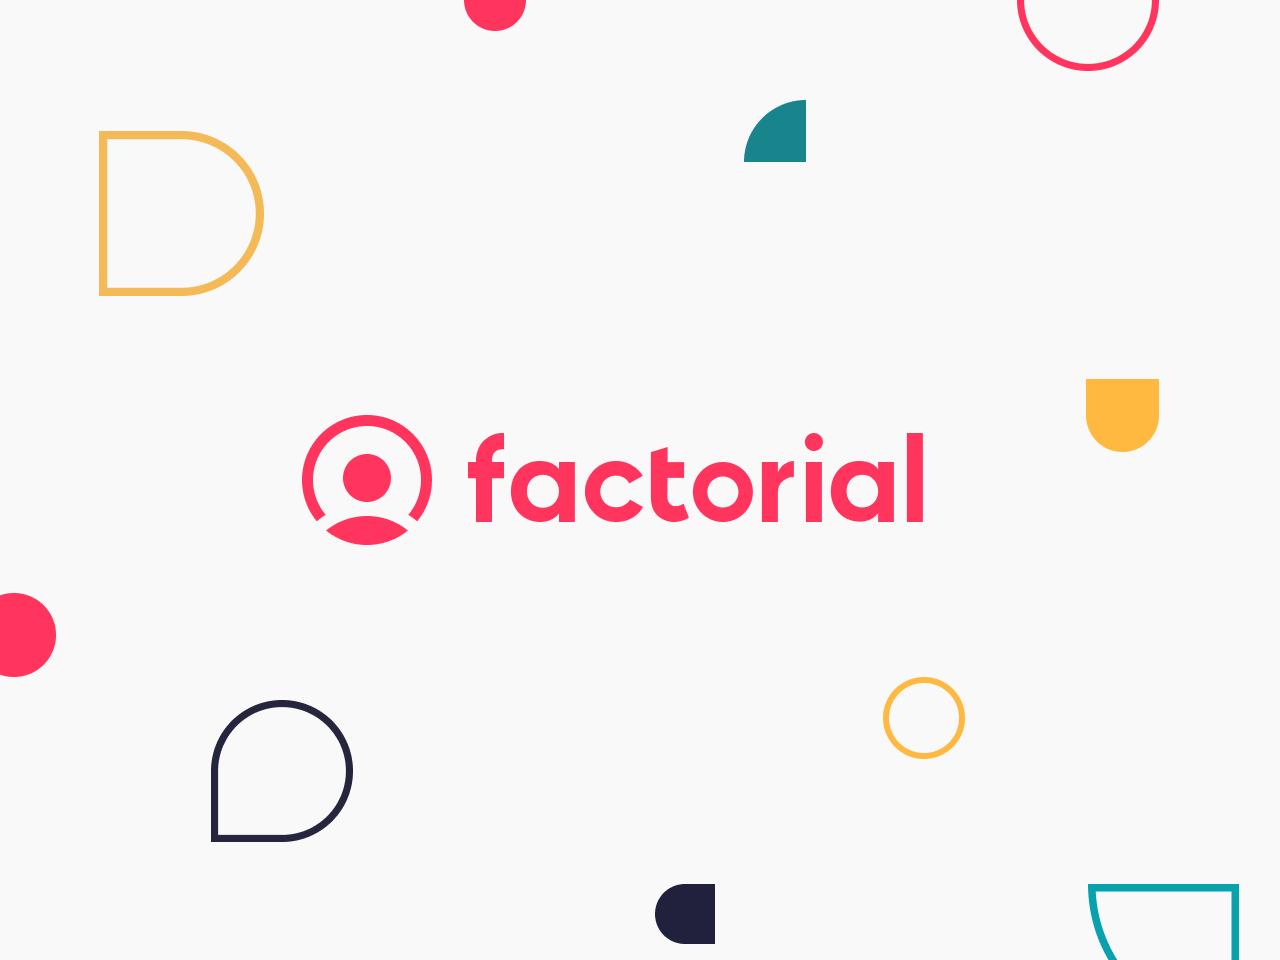 Avaliação Factorial HR: O software de RH 360 para a sua gestão de pessoas - appvizer